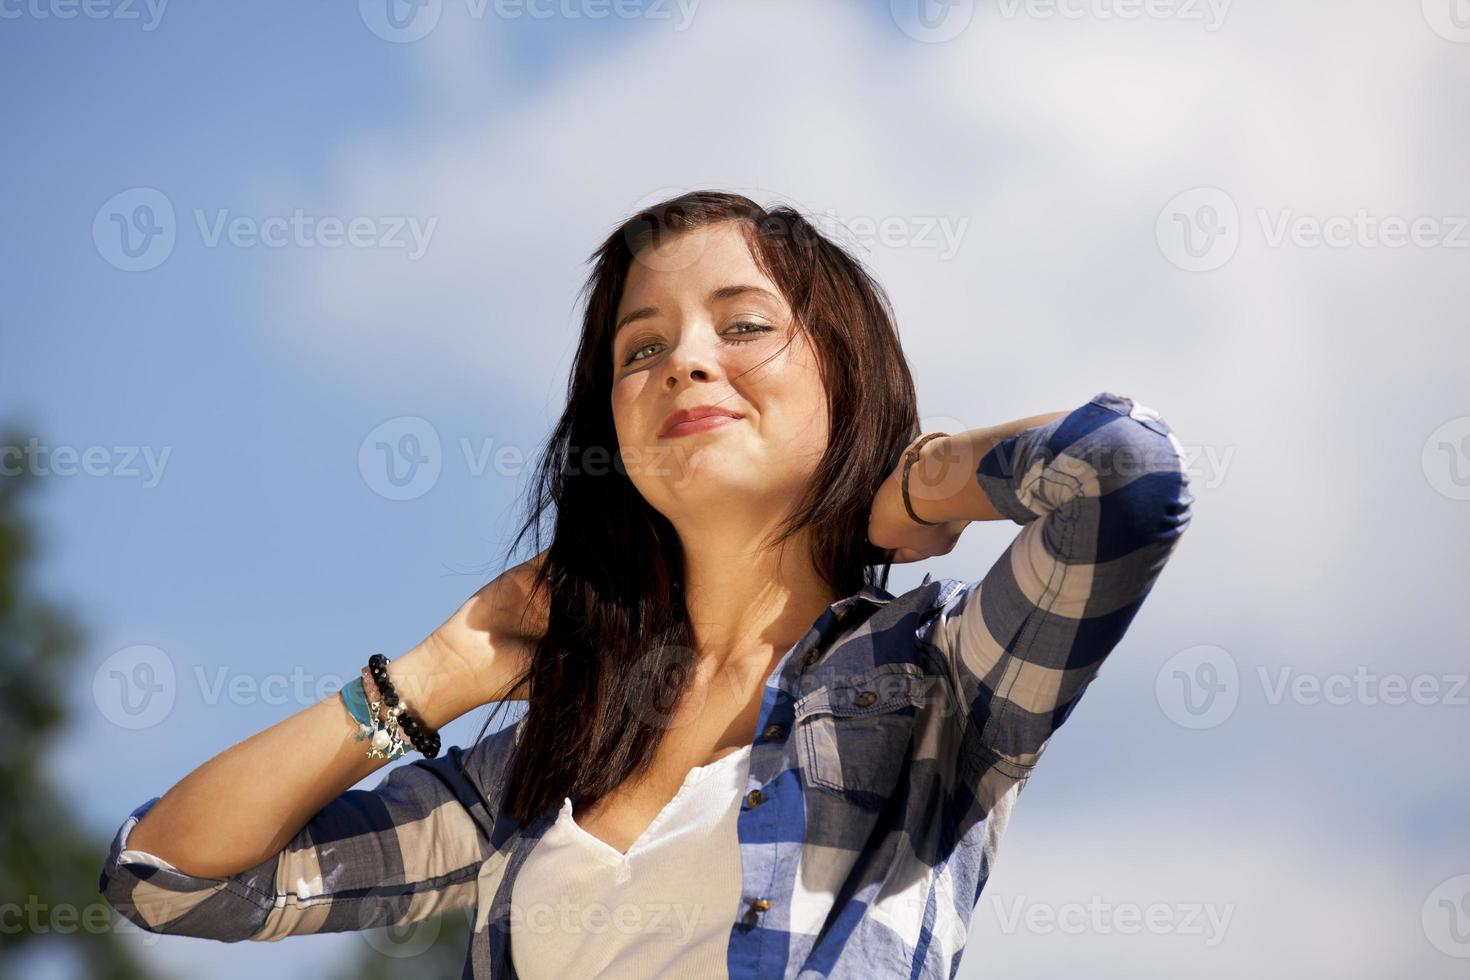 vacker leende brunett tonårsflicka foto